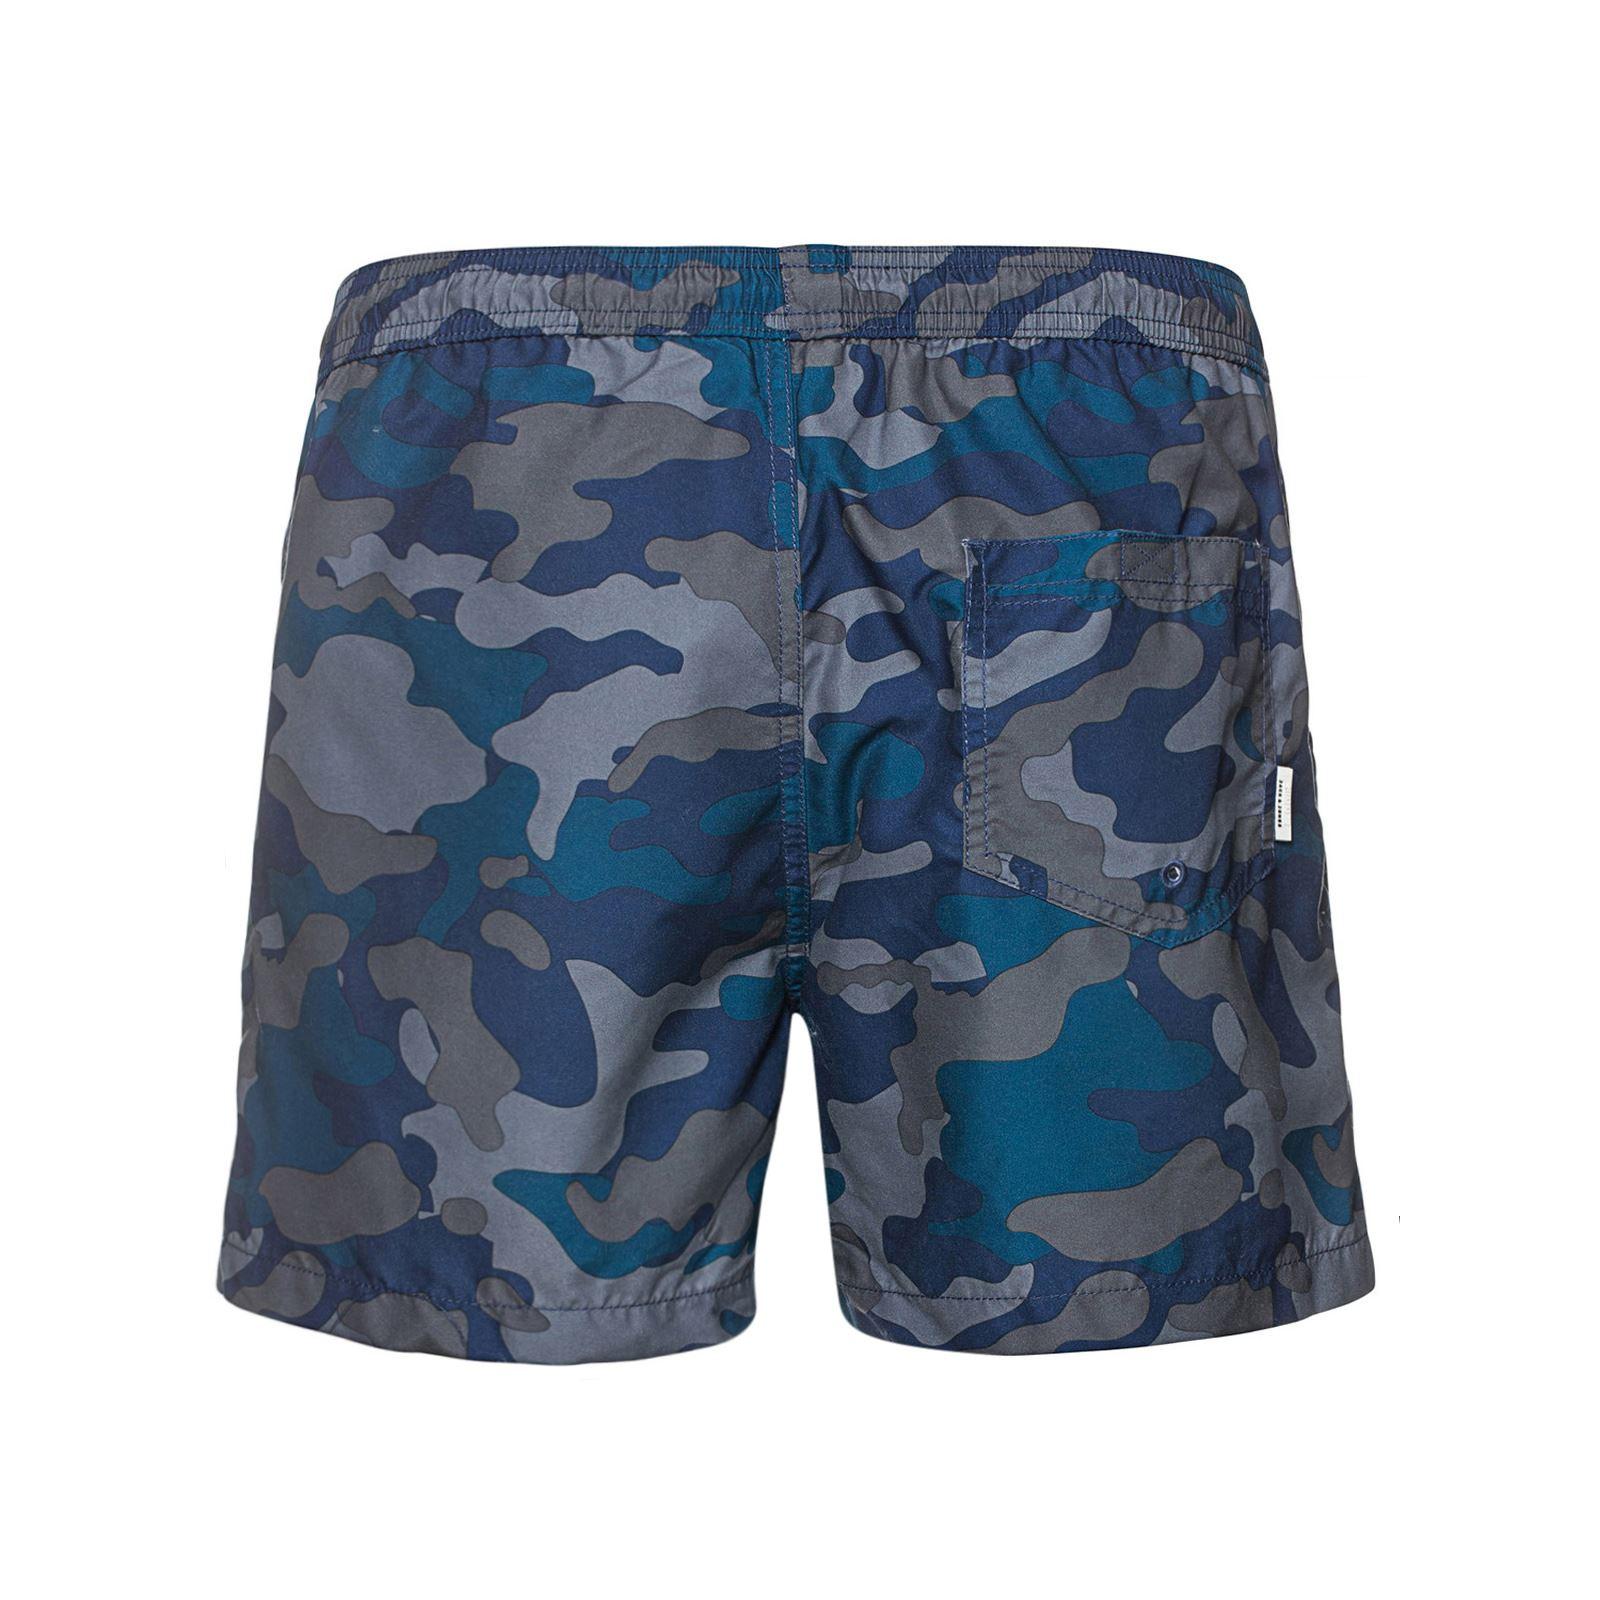 Short Homme Brave Soul Crosshatch Jack /& Jones Mesh Swim Trunks